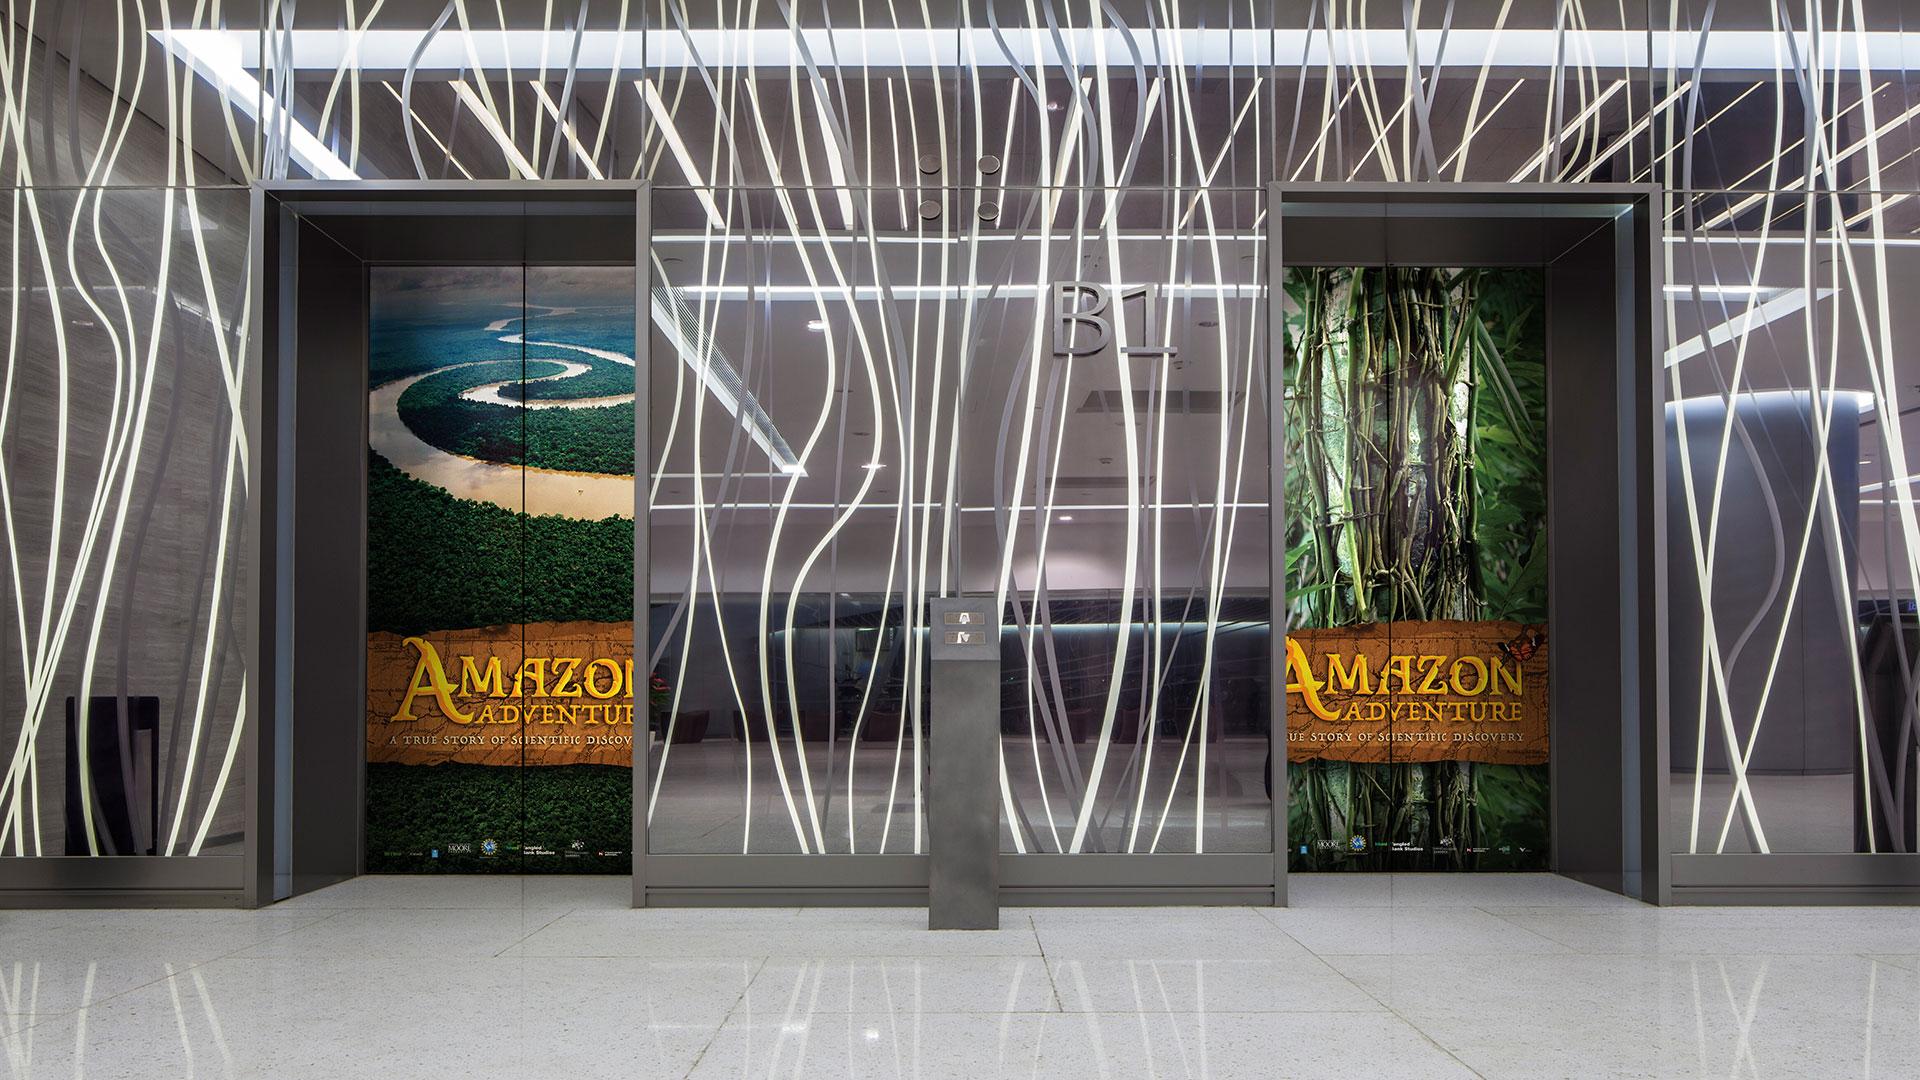 Amazon Adventure elevator wraps